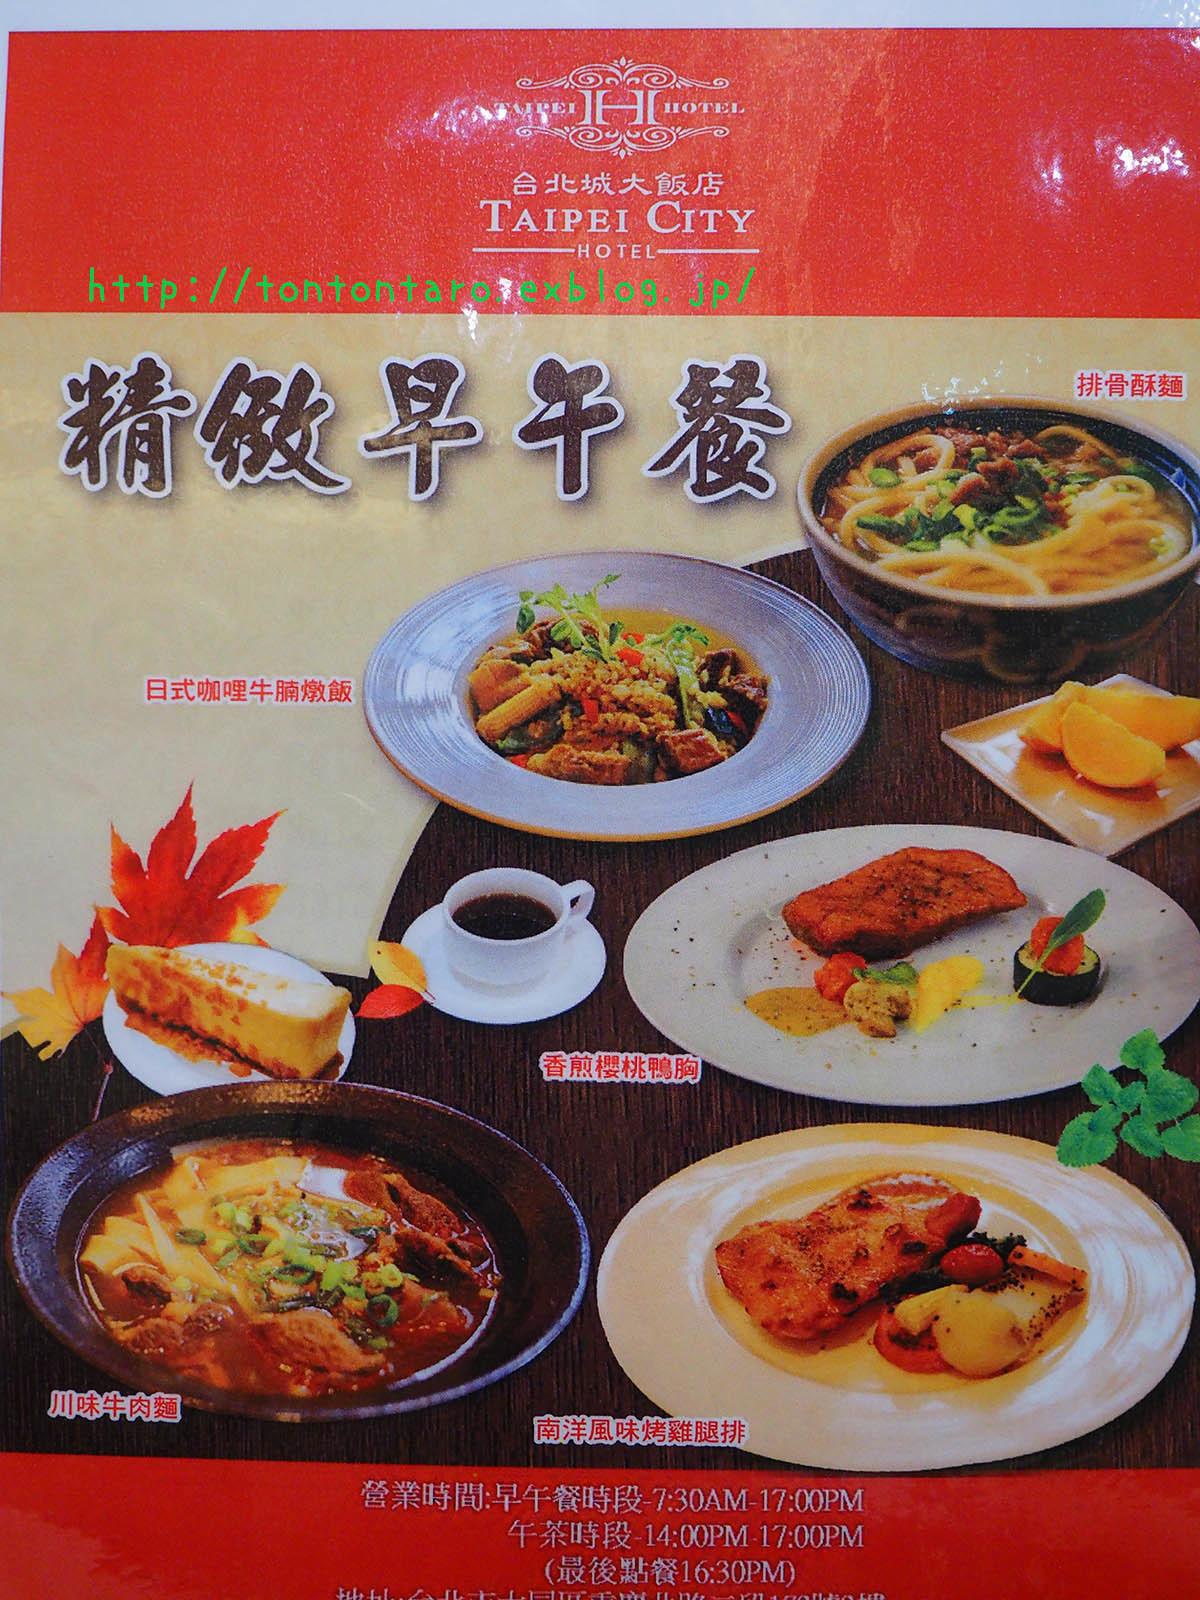 生まれ変わった台北城大飯店2樓、「大稻埕風味餐廳」のお値打ち感は異常(再び)_a0112888_04480100.jpg